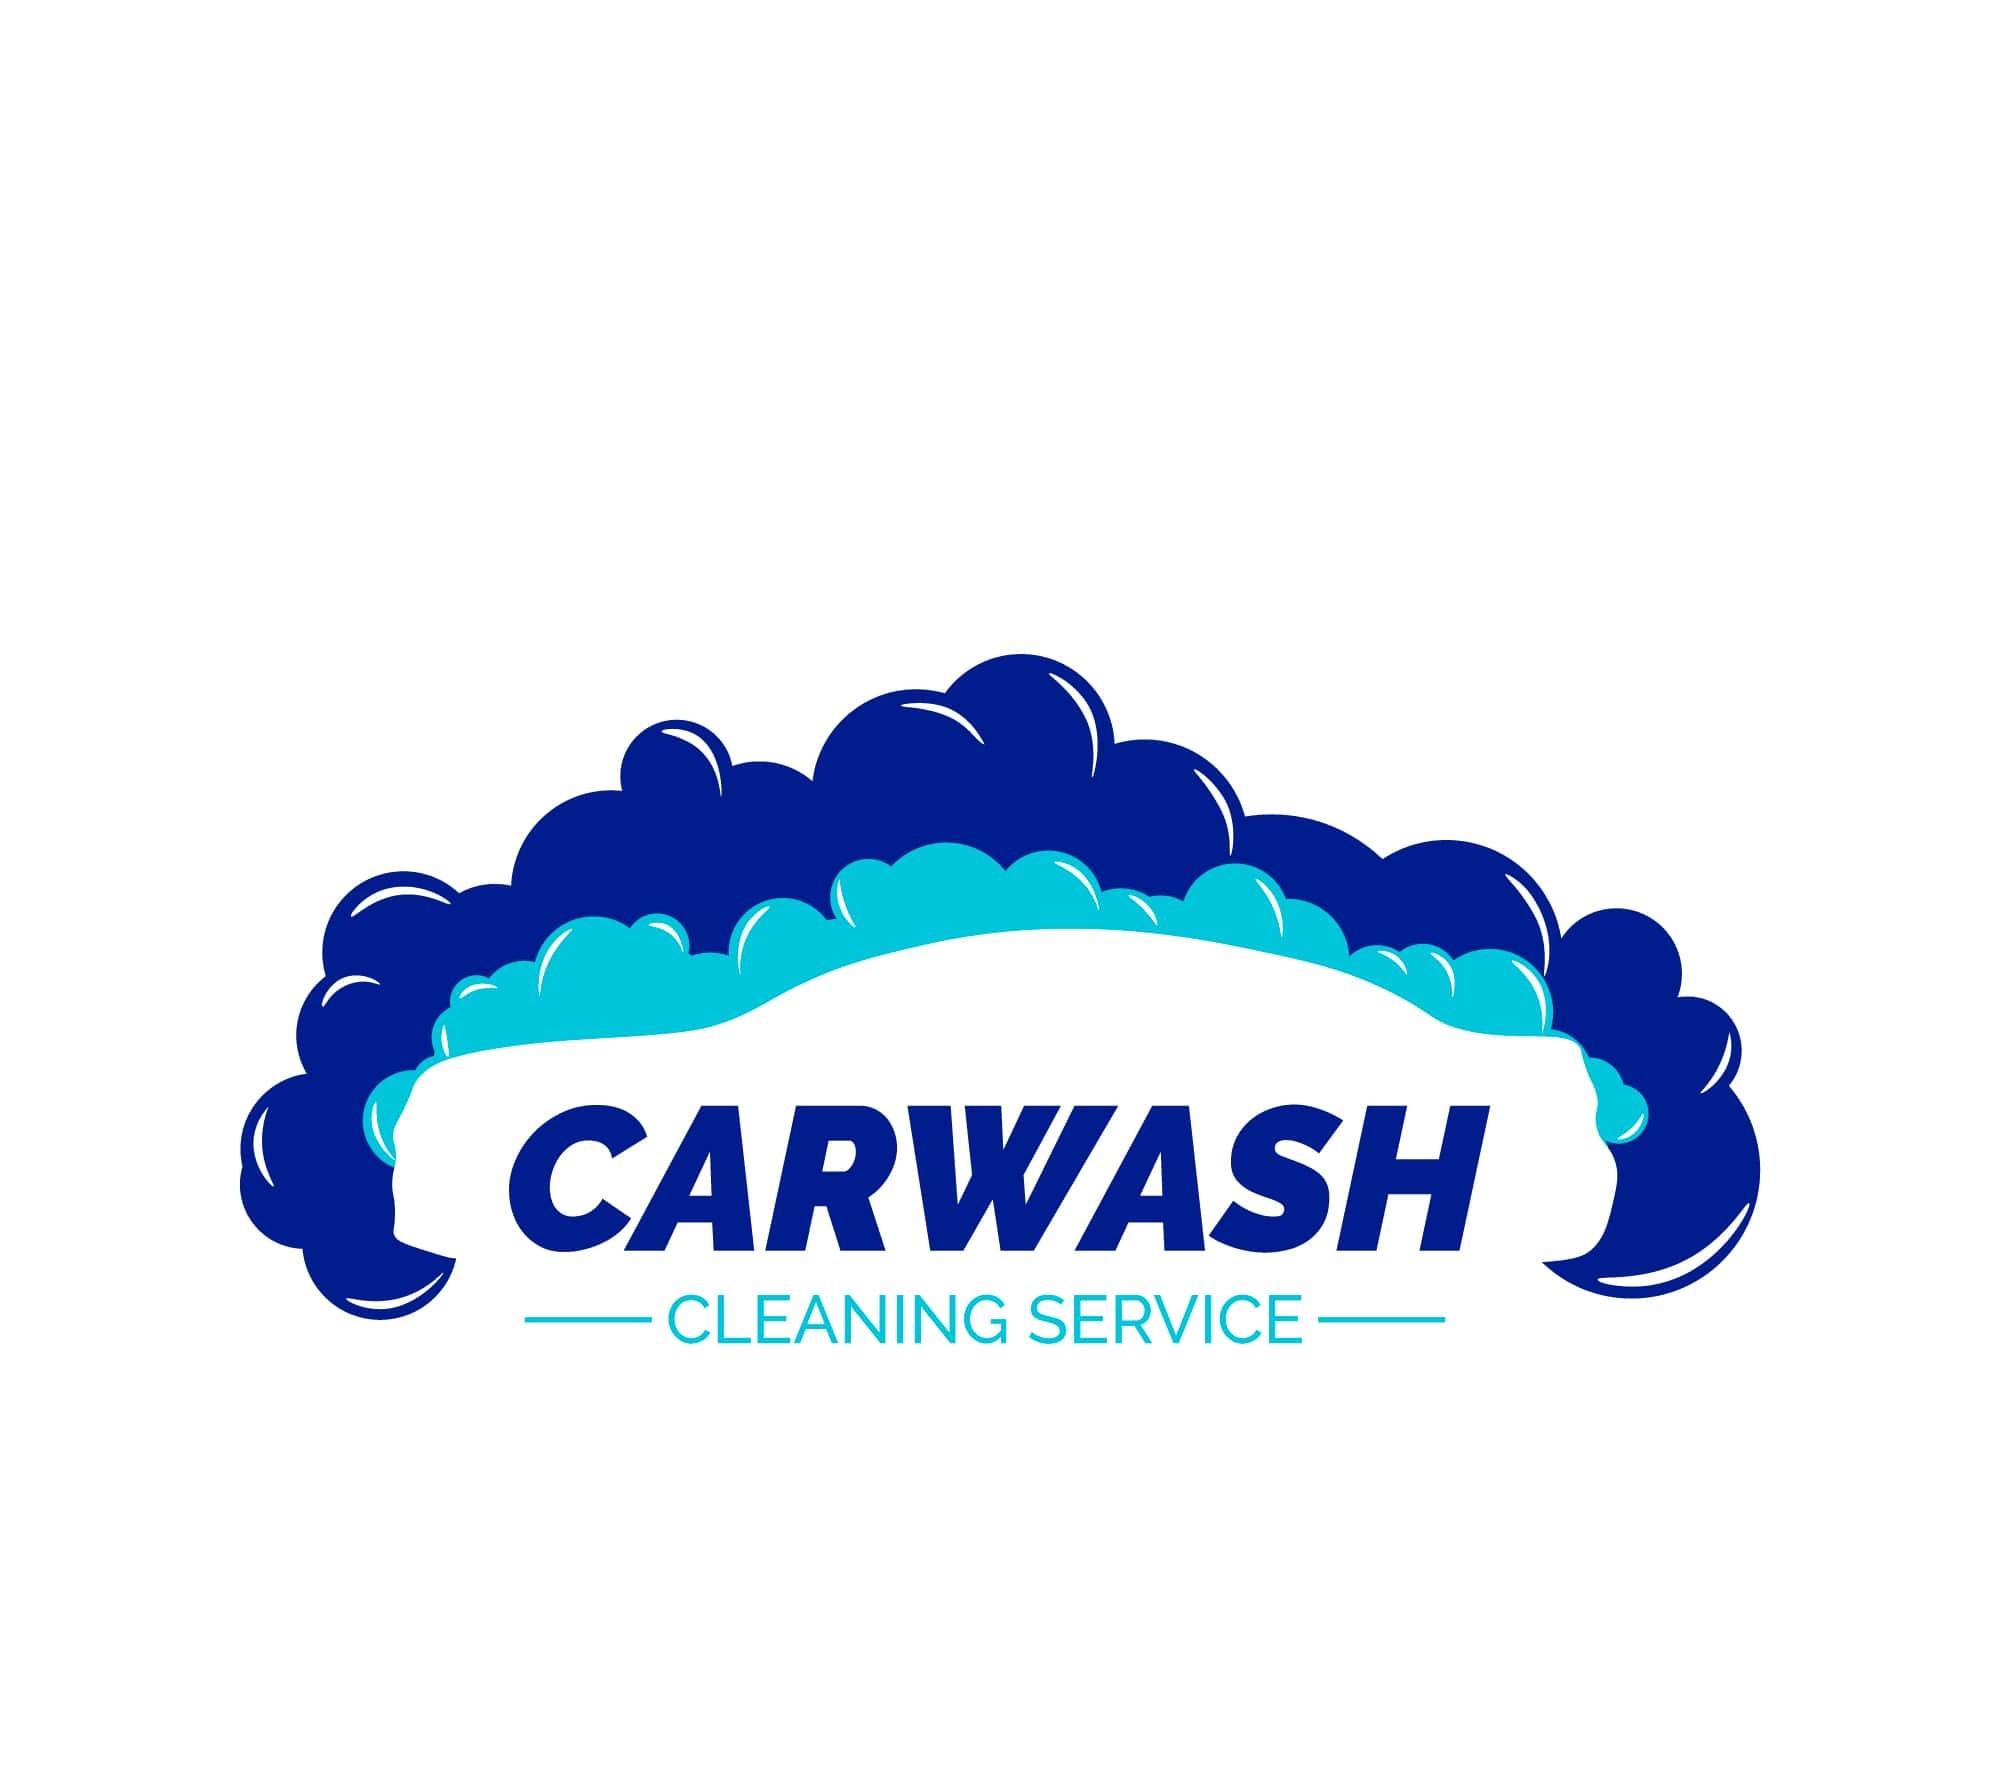 Carwash Logo